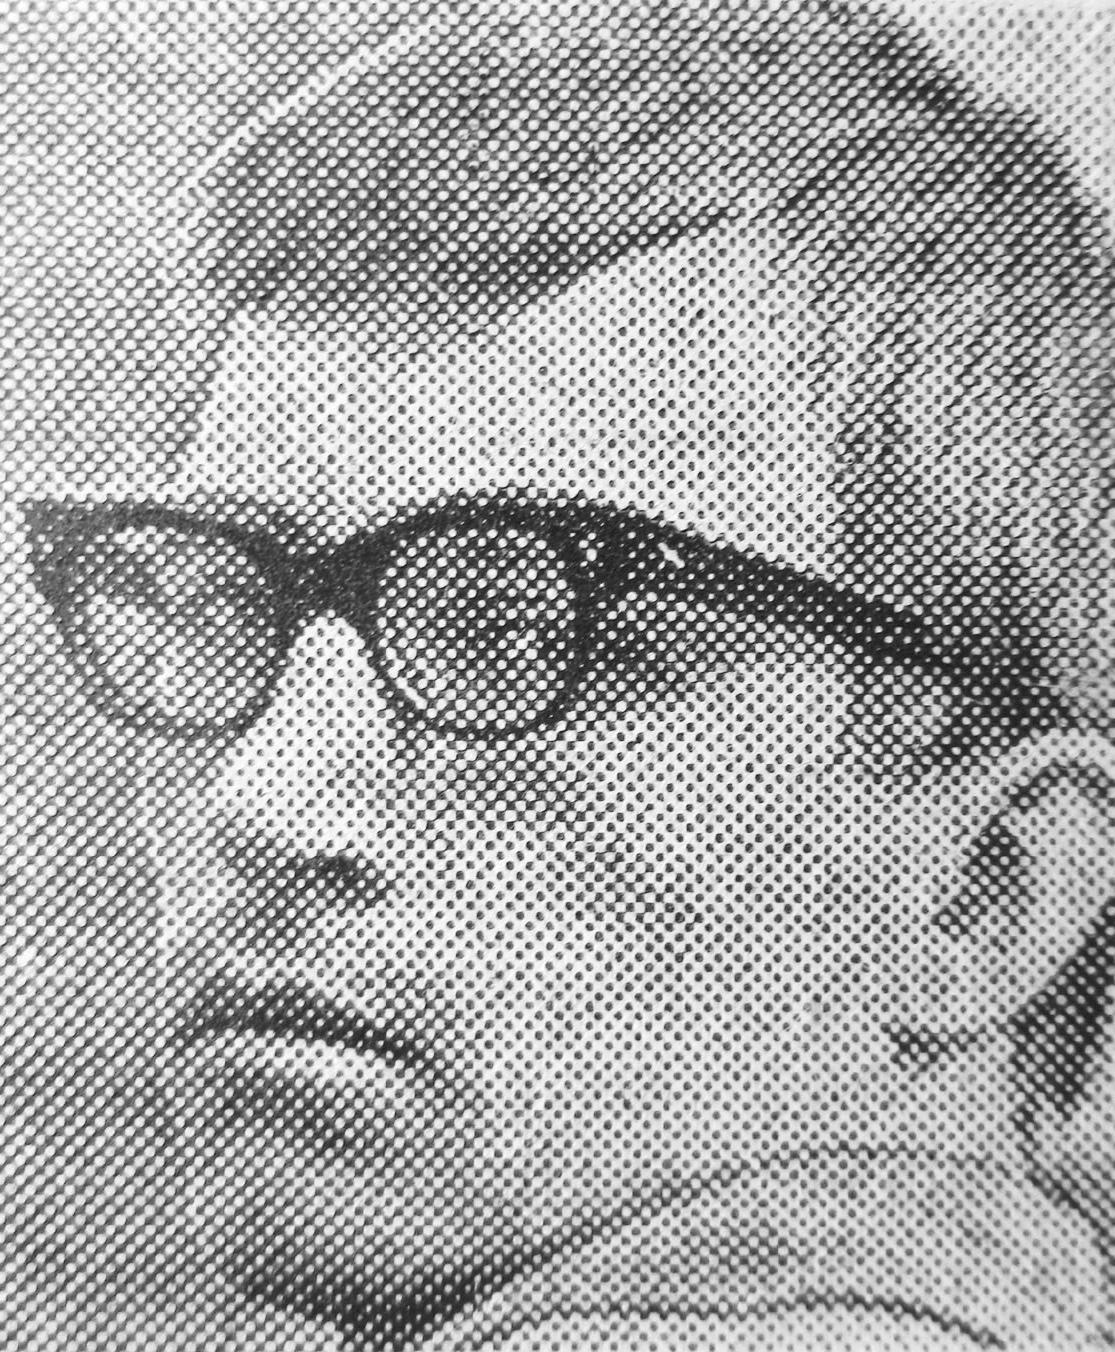 3 S Sokolov gazeta2